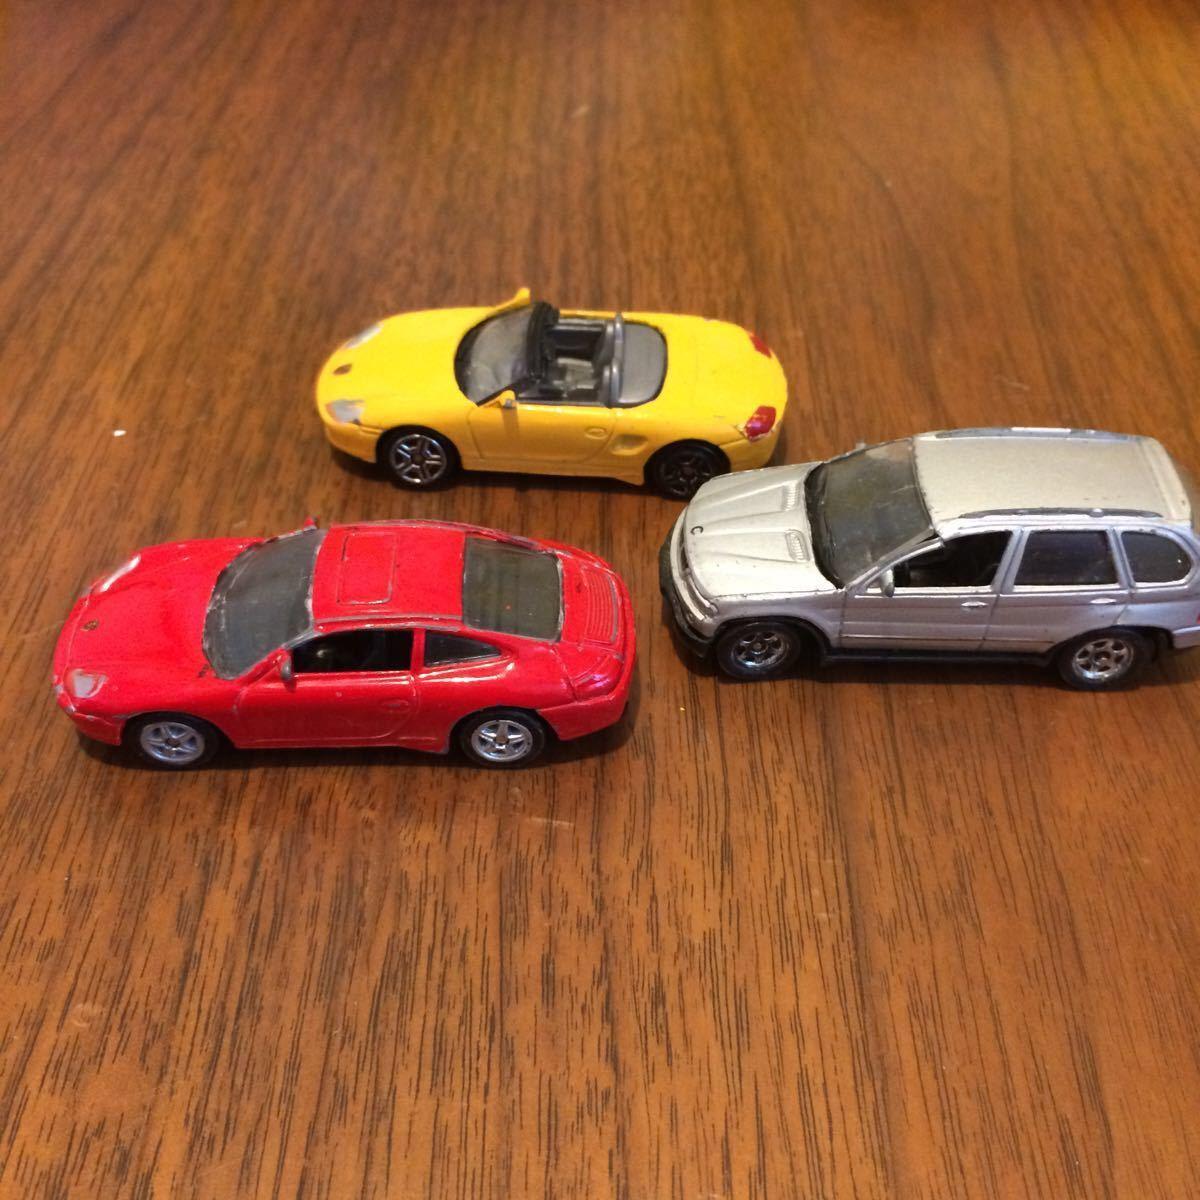 WELLY 2台 ポルシェ BMW とメーカー不明ポルシェ合計3台 ミニカー 中古_画像1